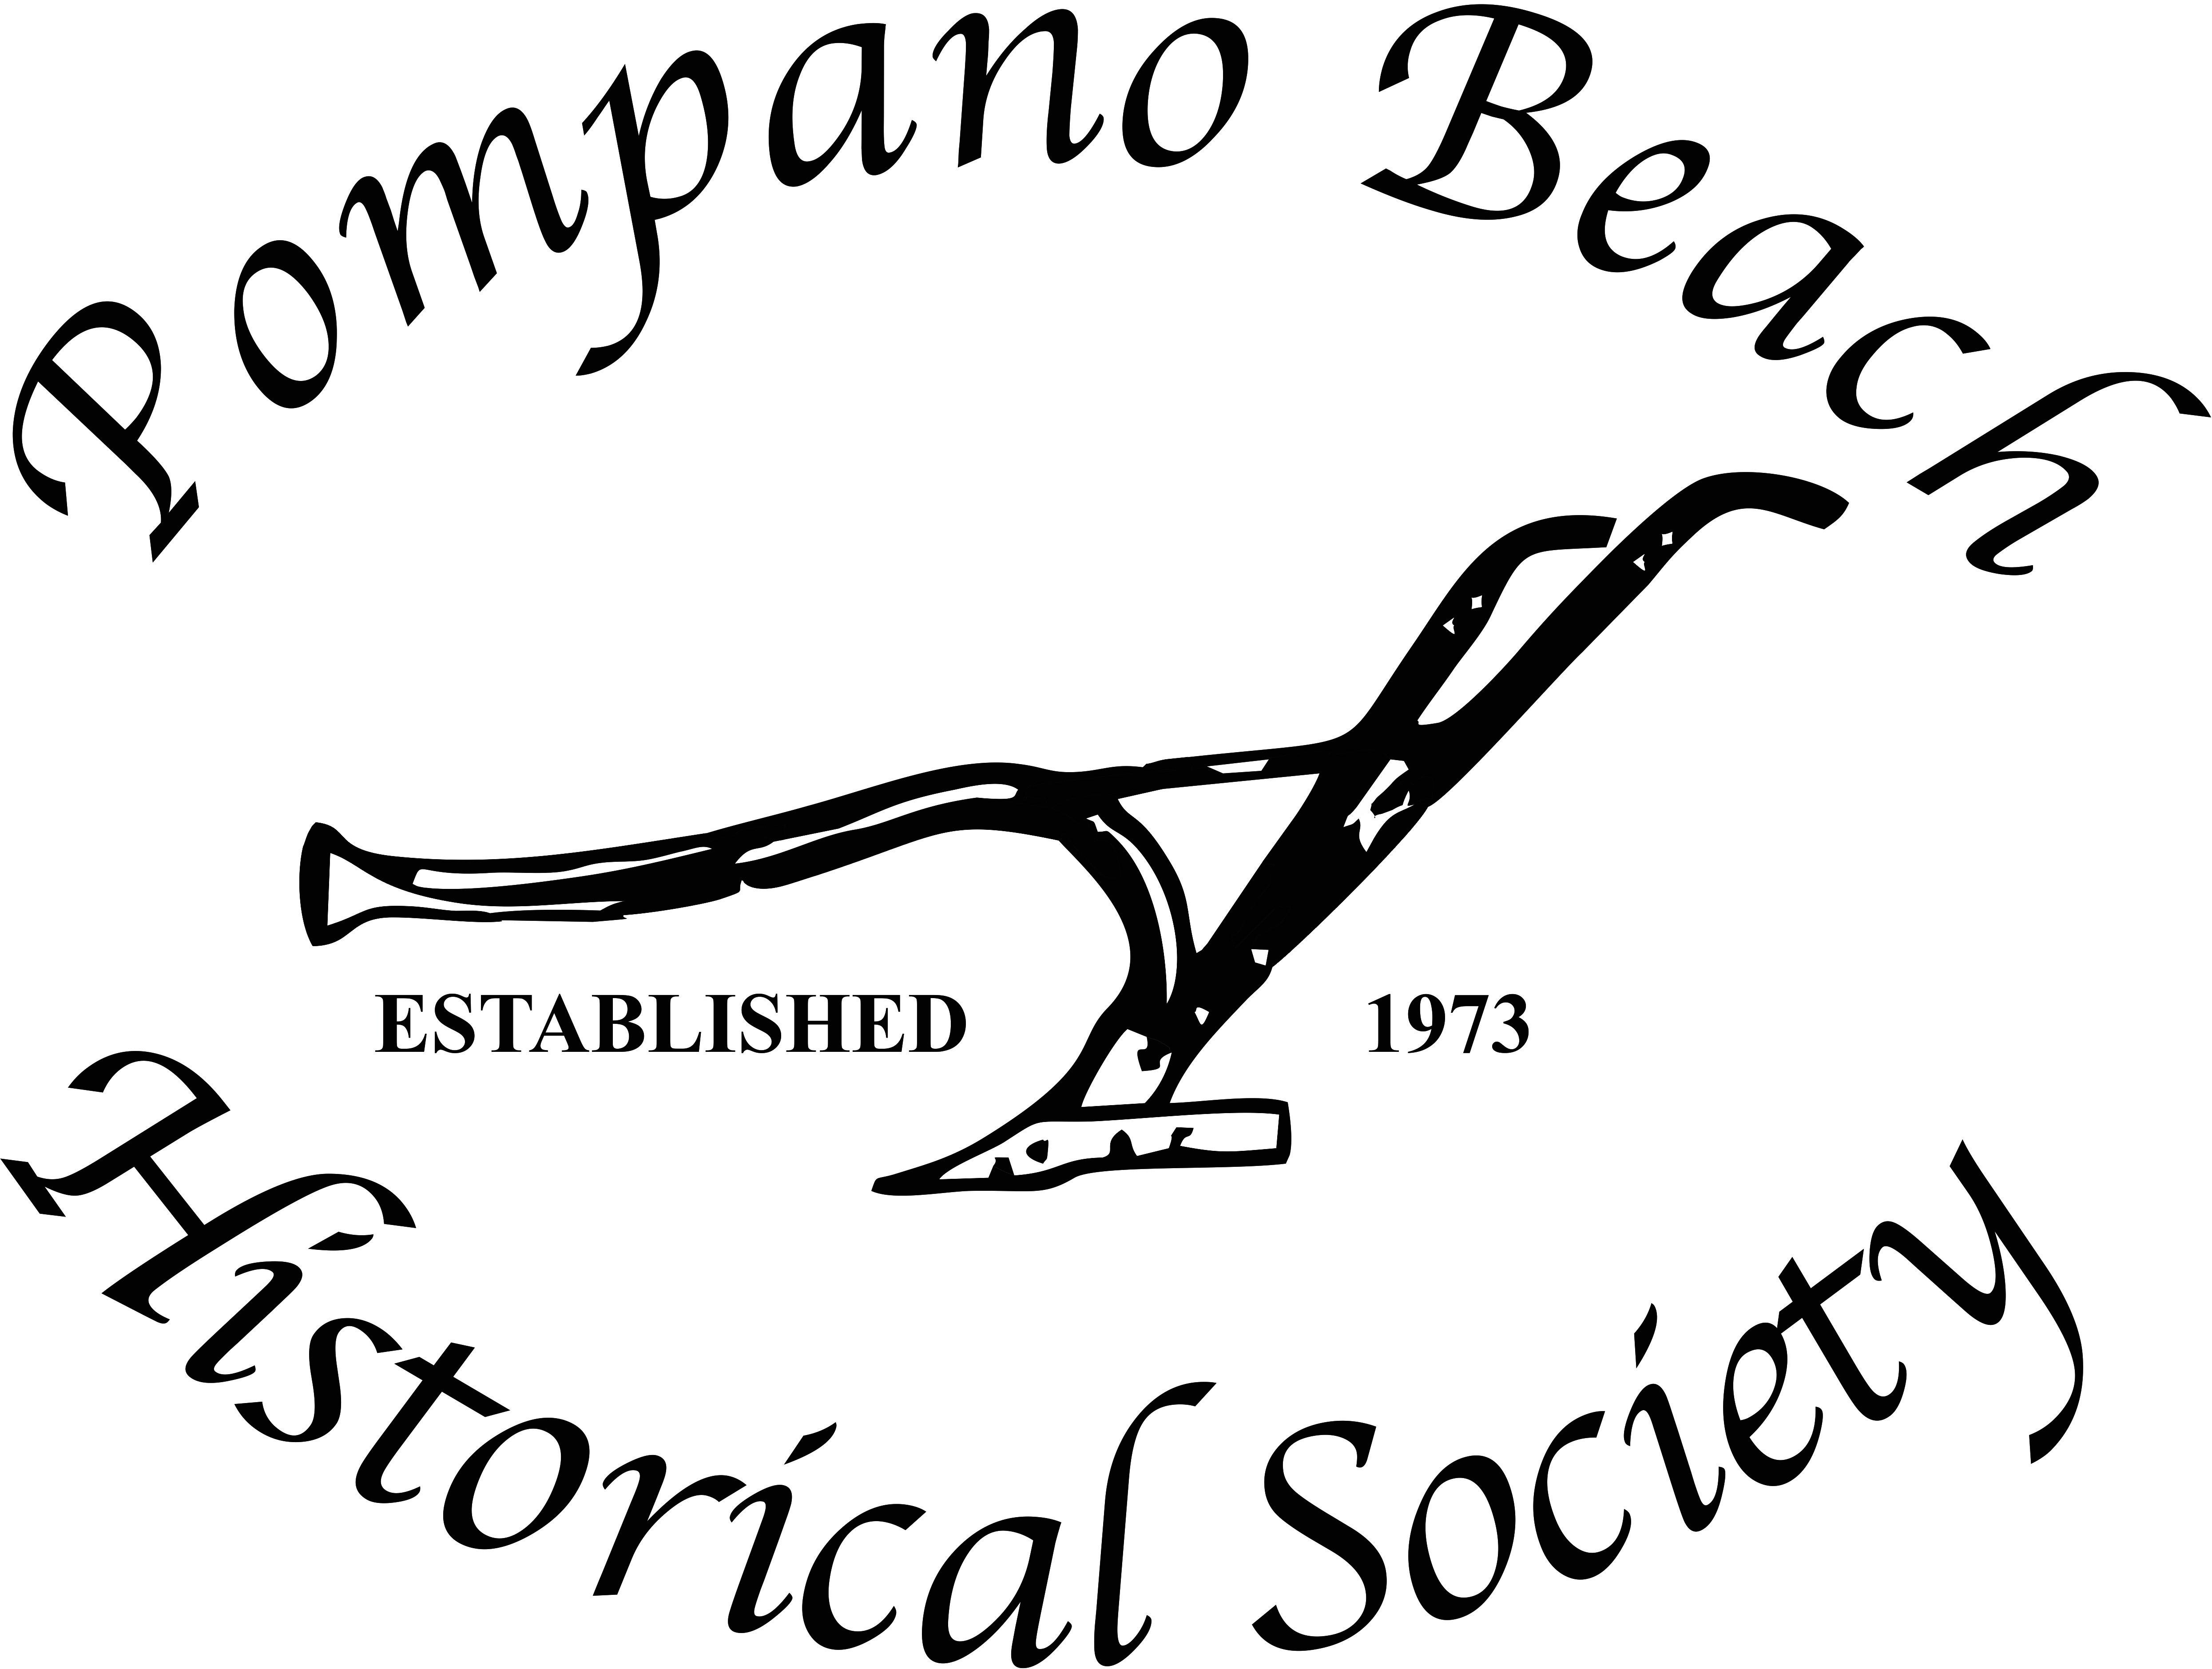 Pompano Beach Historical Society